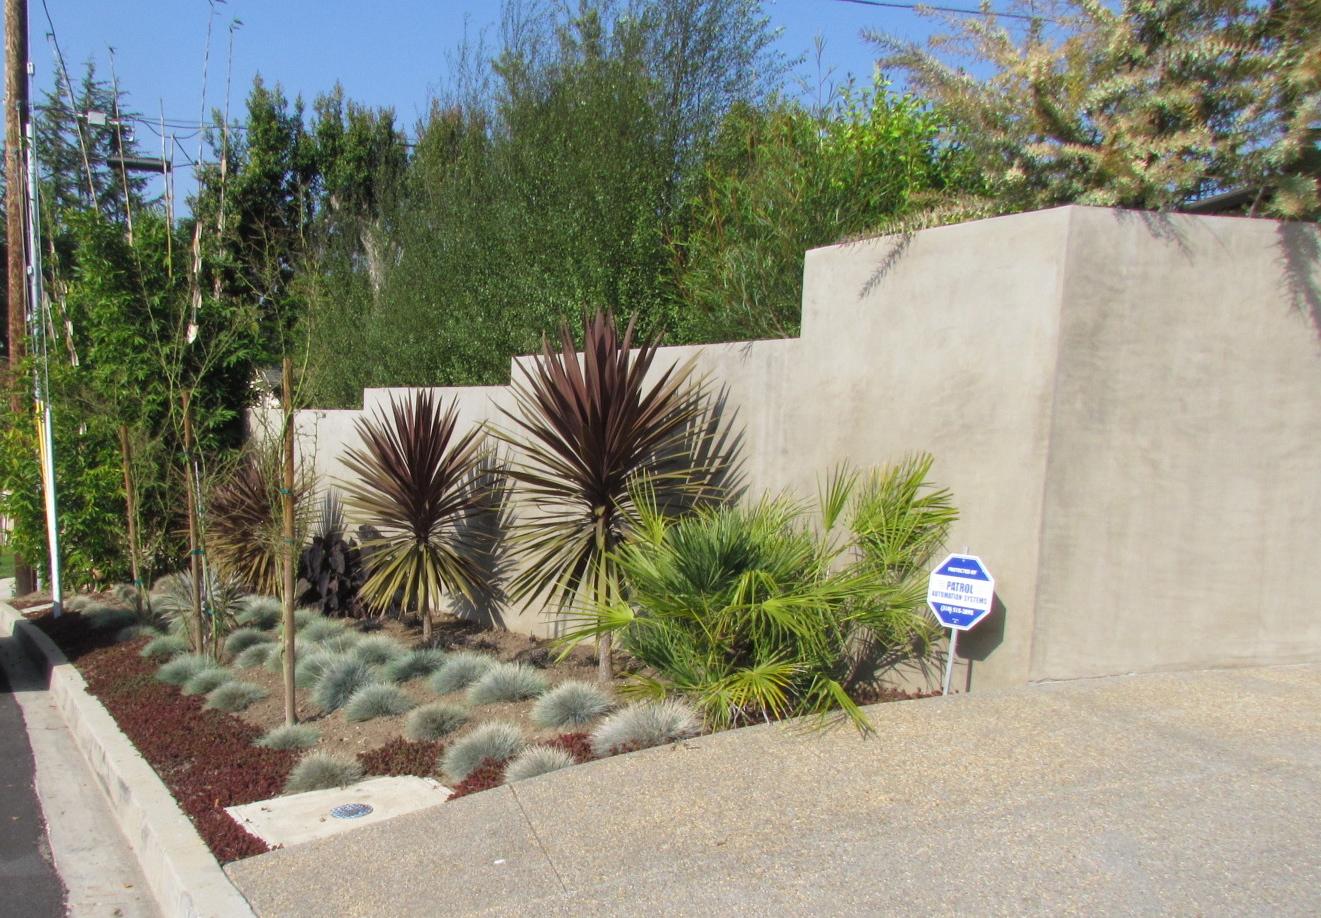 Mar Vista Green Garden Showcase March 2012